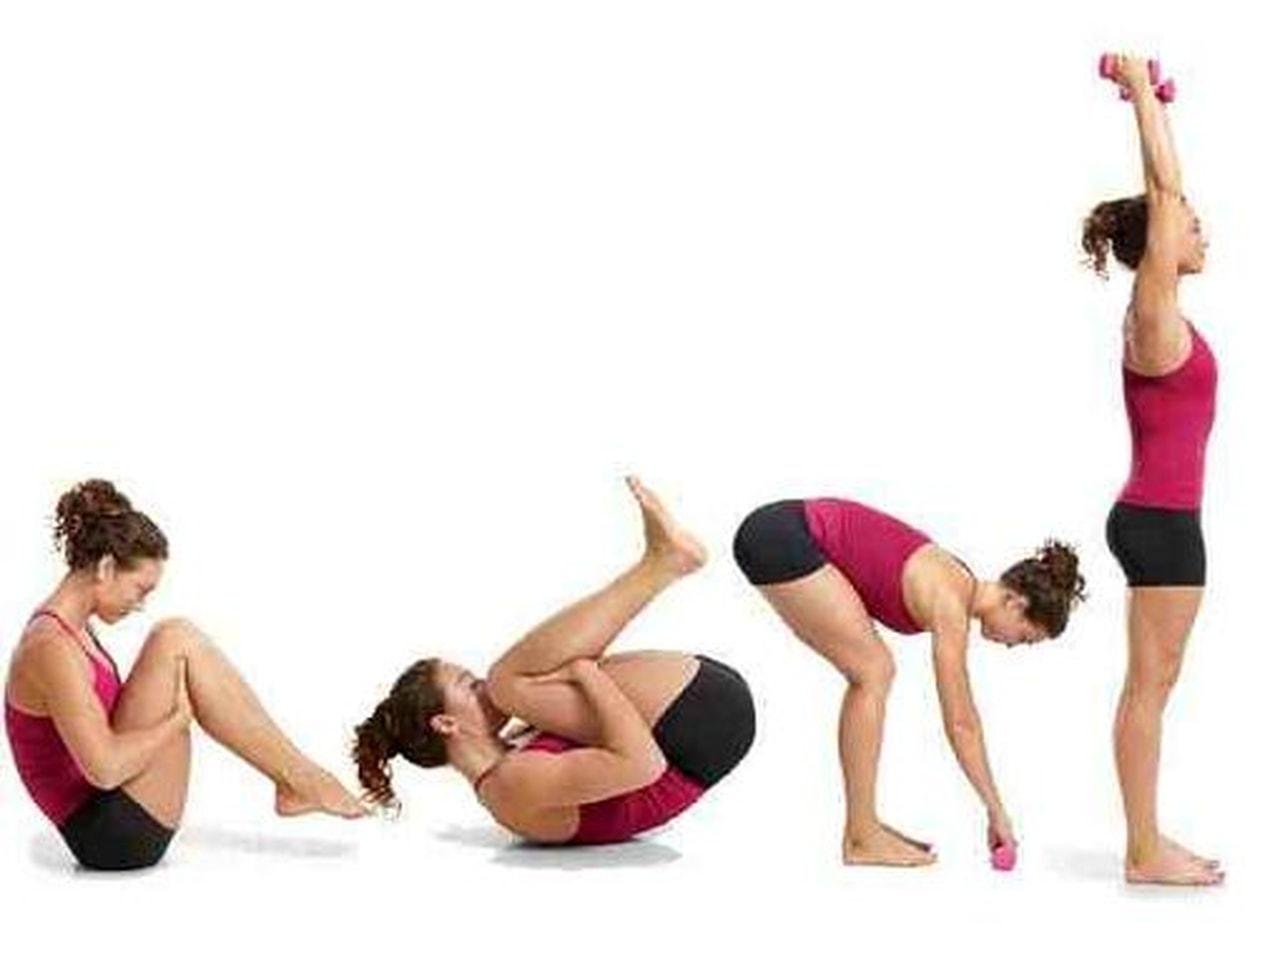 بالصور تمارين البطن للنساء , شاهد بالفيديو احدث تمارين شد البطن للنساء 423 10